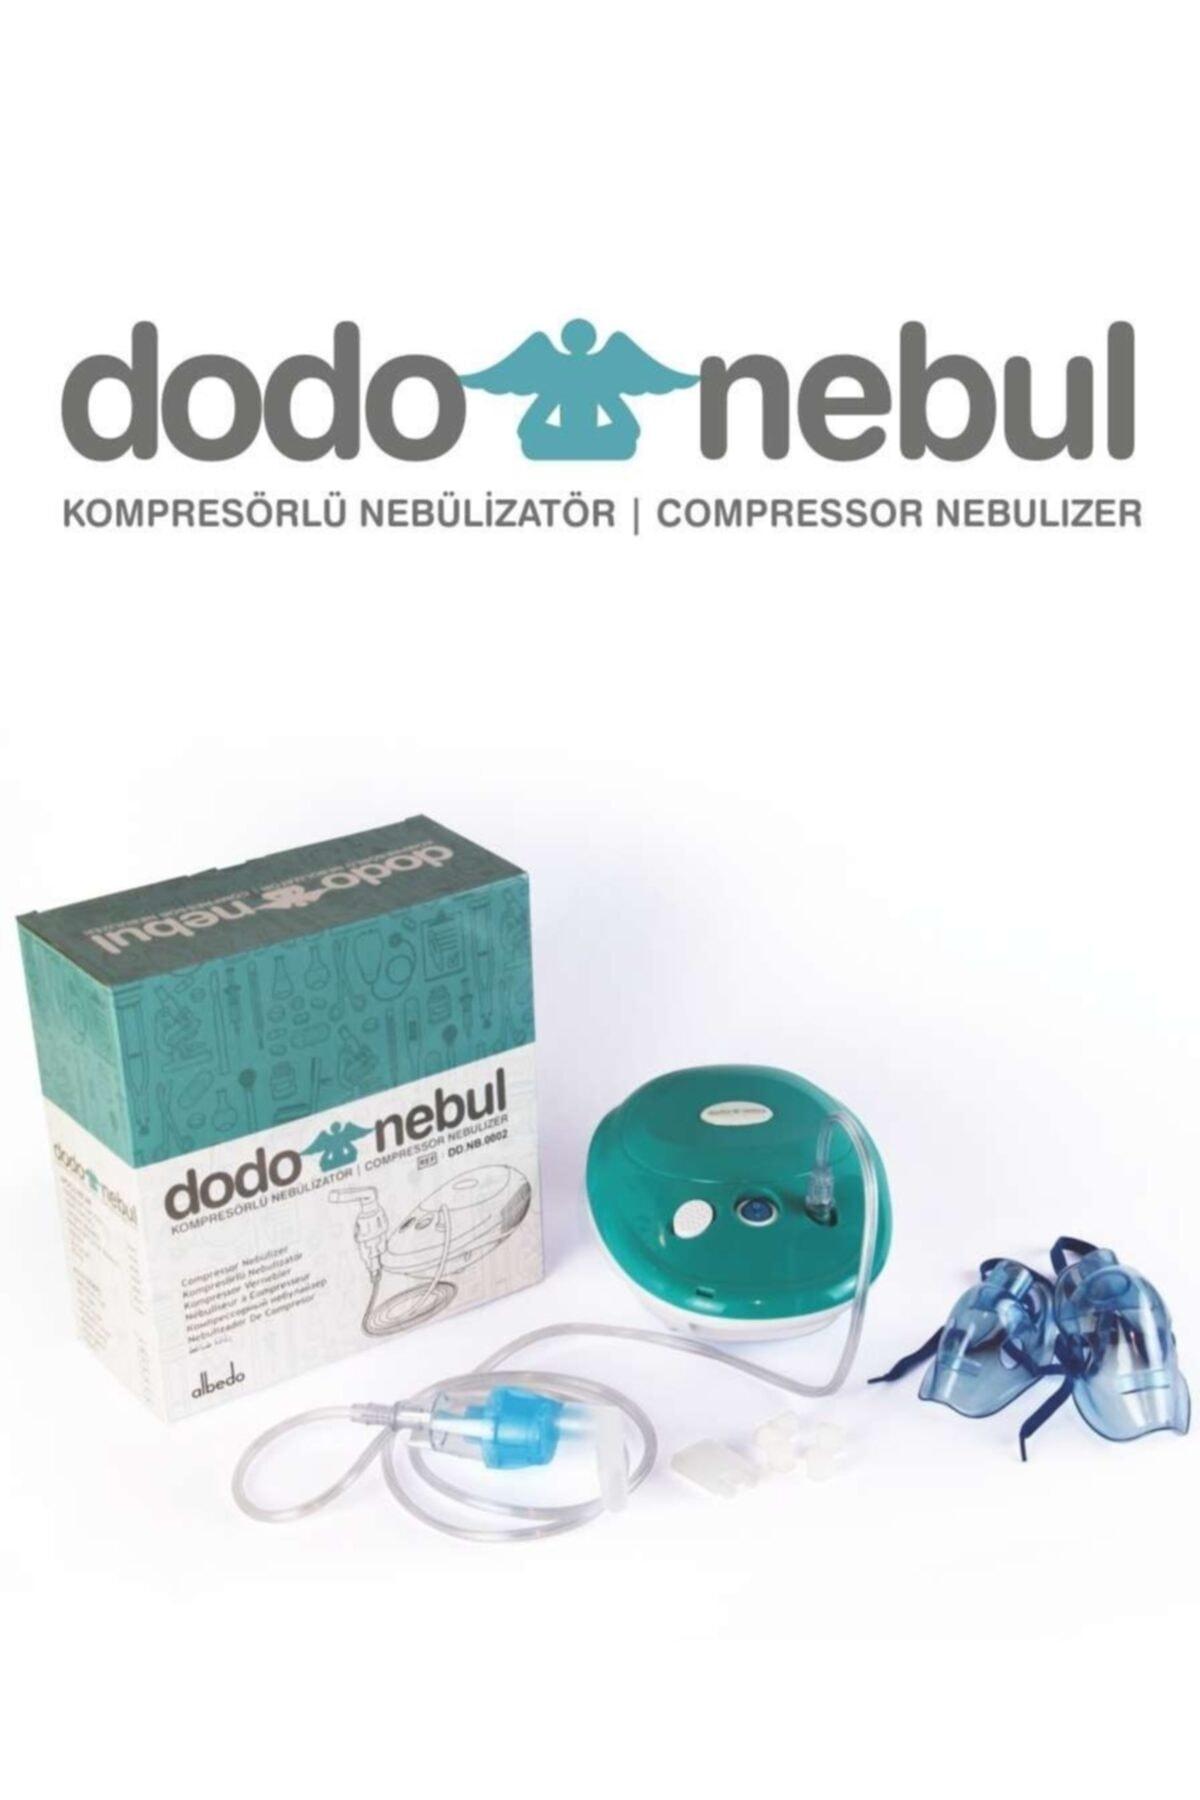 ALBEDO Dodo Kompresörlü Nebülizatör 2